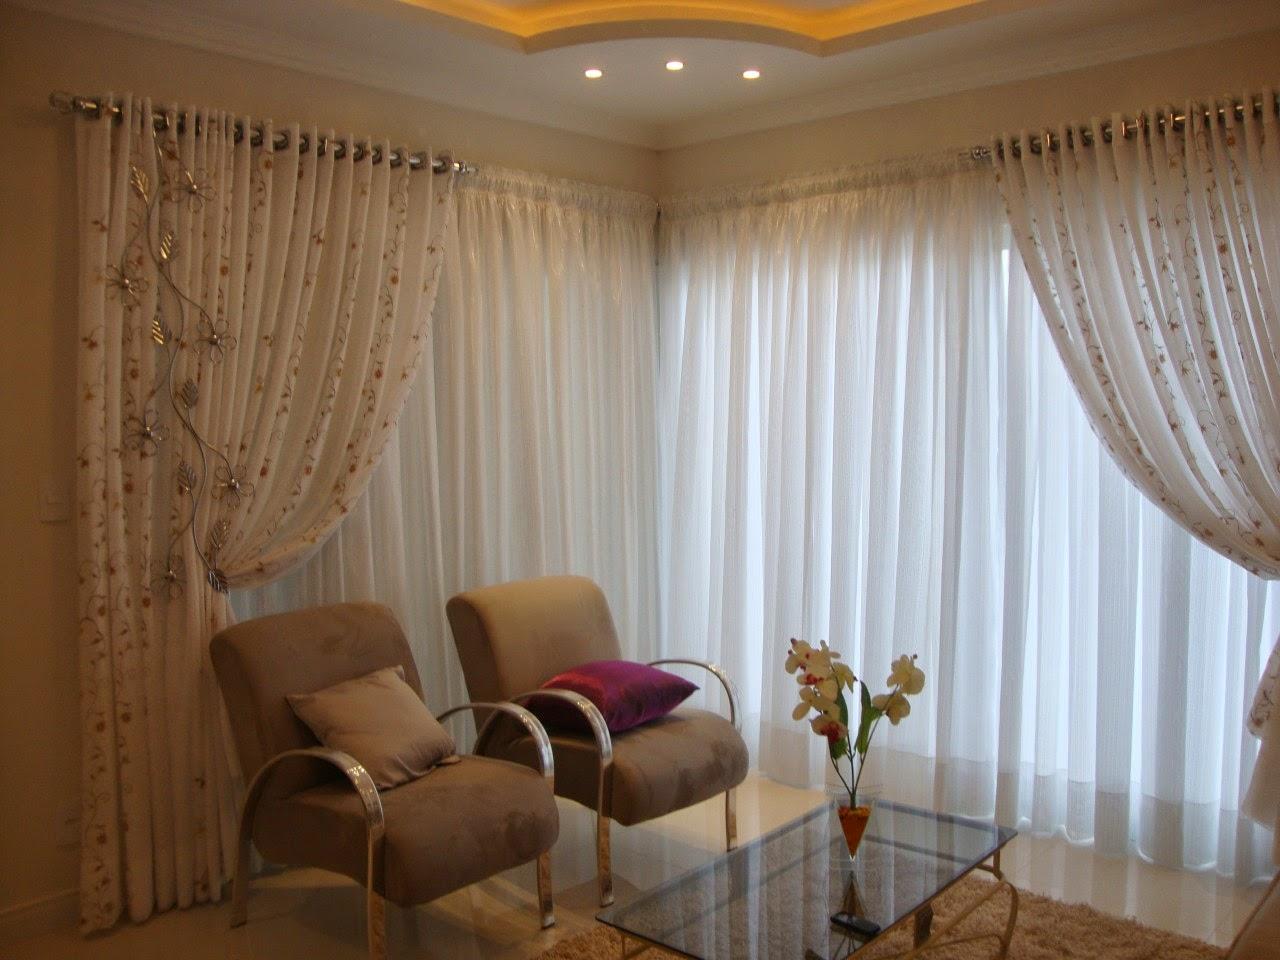 Cortinas para janelas de canto dicas e fotos dicas legais Fotos de cortinas